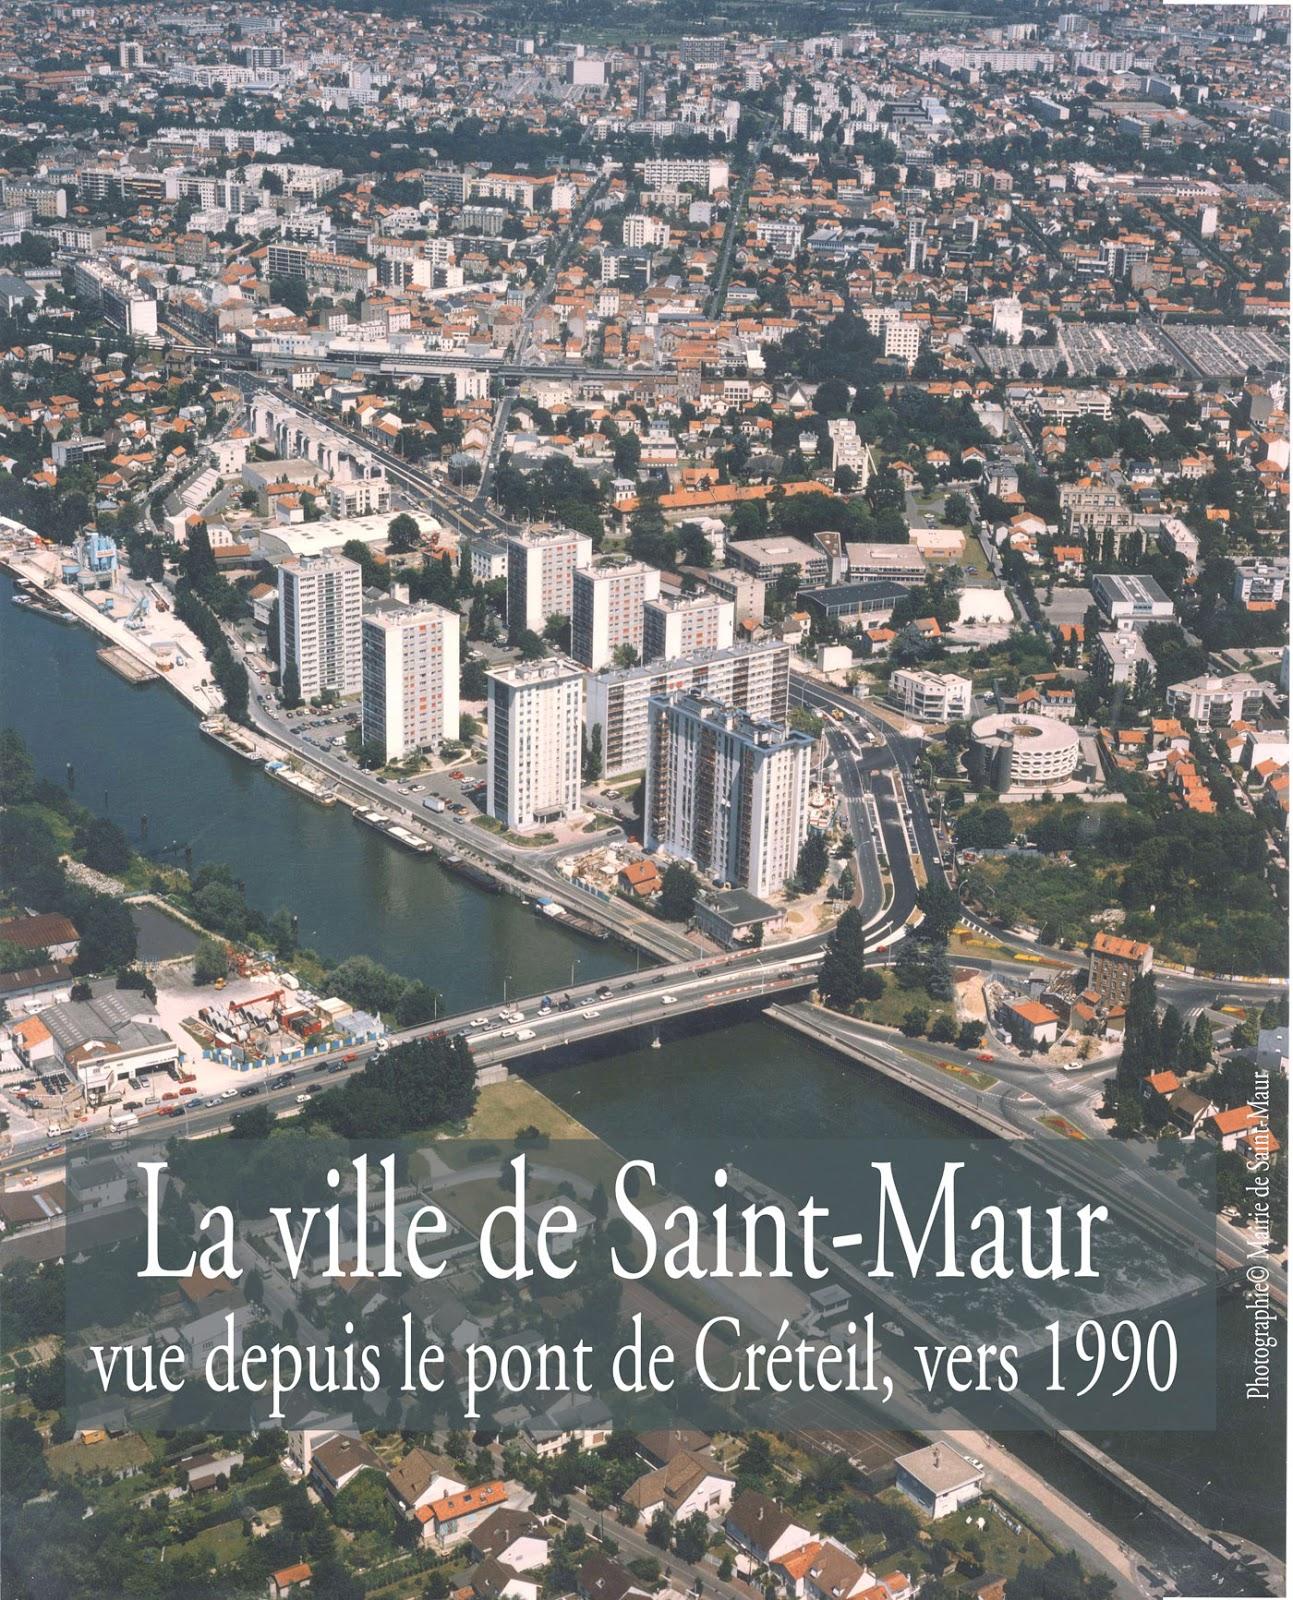 Images de l 39 histoire de saint maur saint maur 1700 1990 for Comboulevard de creteil saint maur